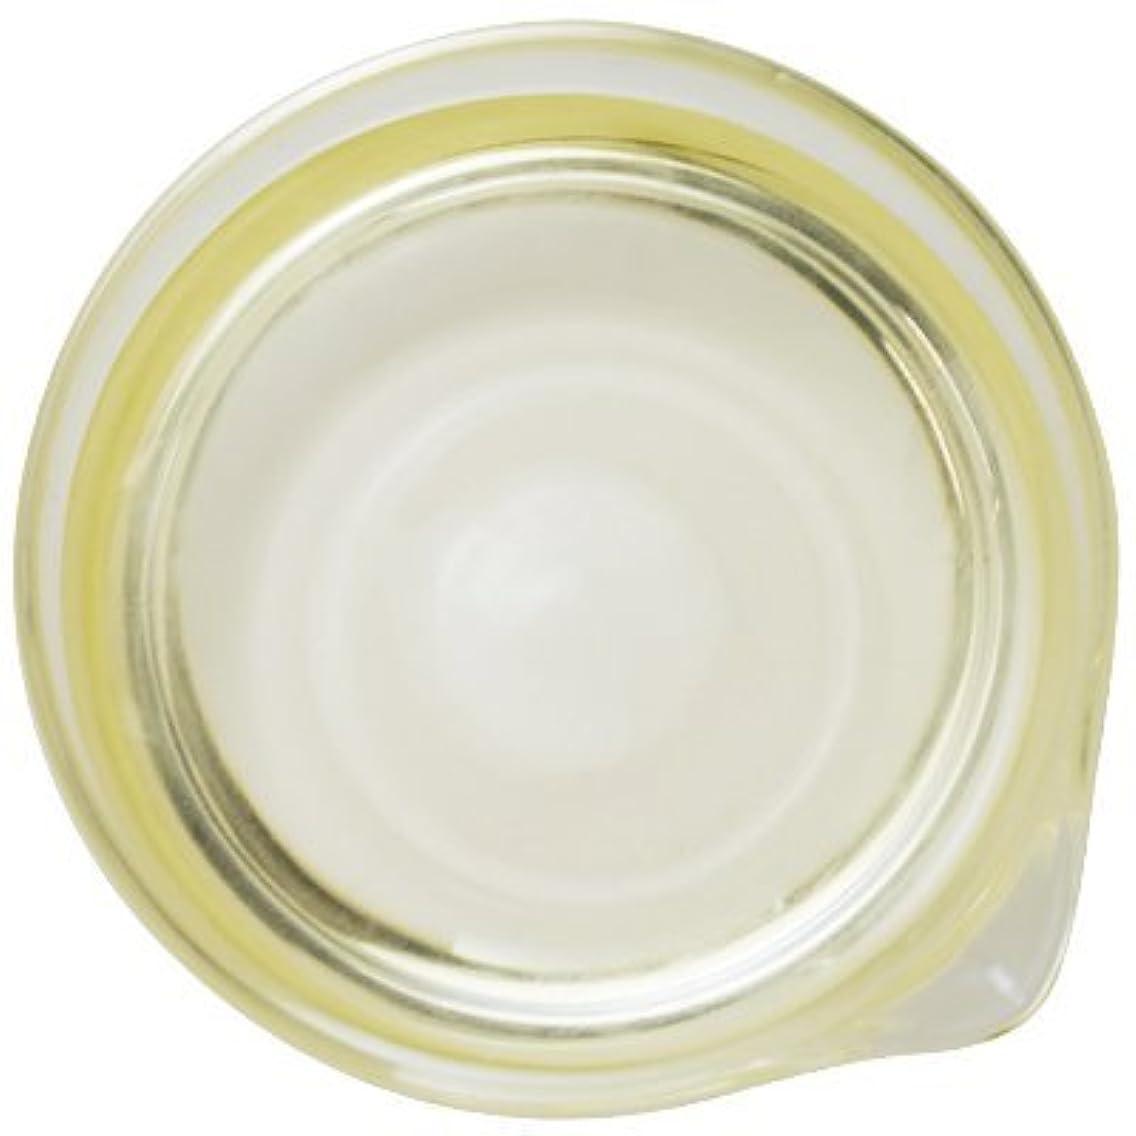 リサイクルする倉庫不従順セサミオイル 1L [白ごま油]【手作り石鹸/手作りコスメ/ごま油】【birth】